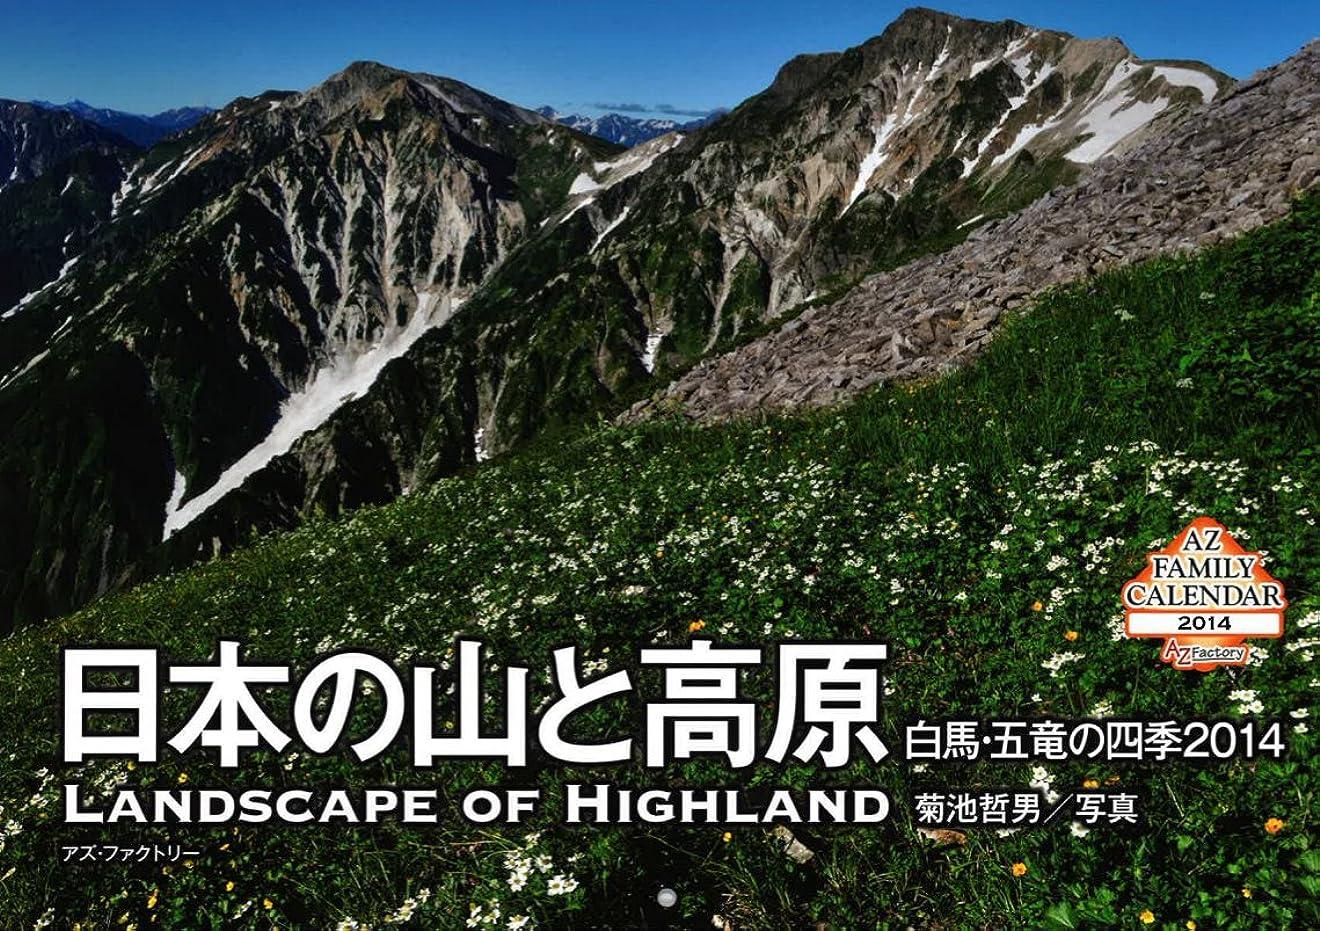 ハシー肖像画セットする日本の山と高原 白馬?五竜の四季2014